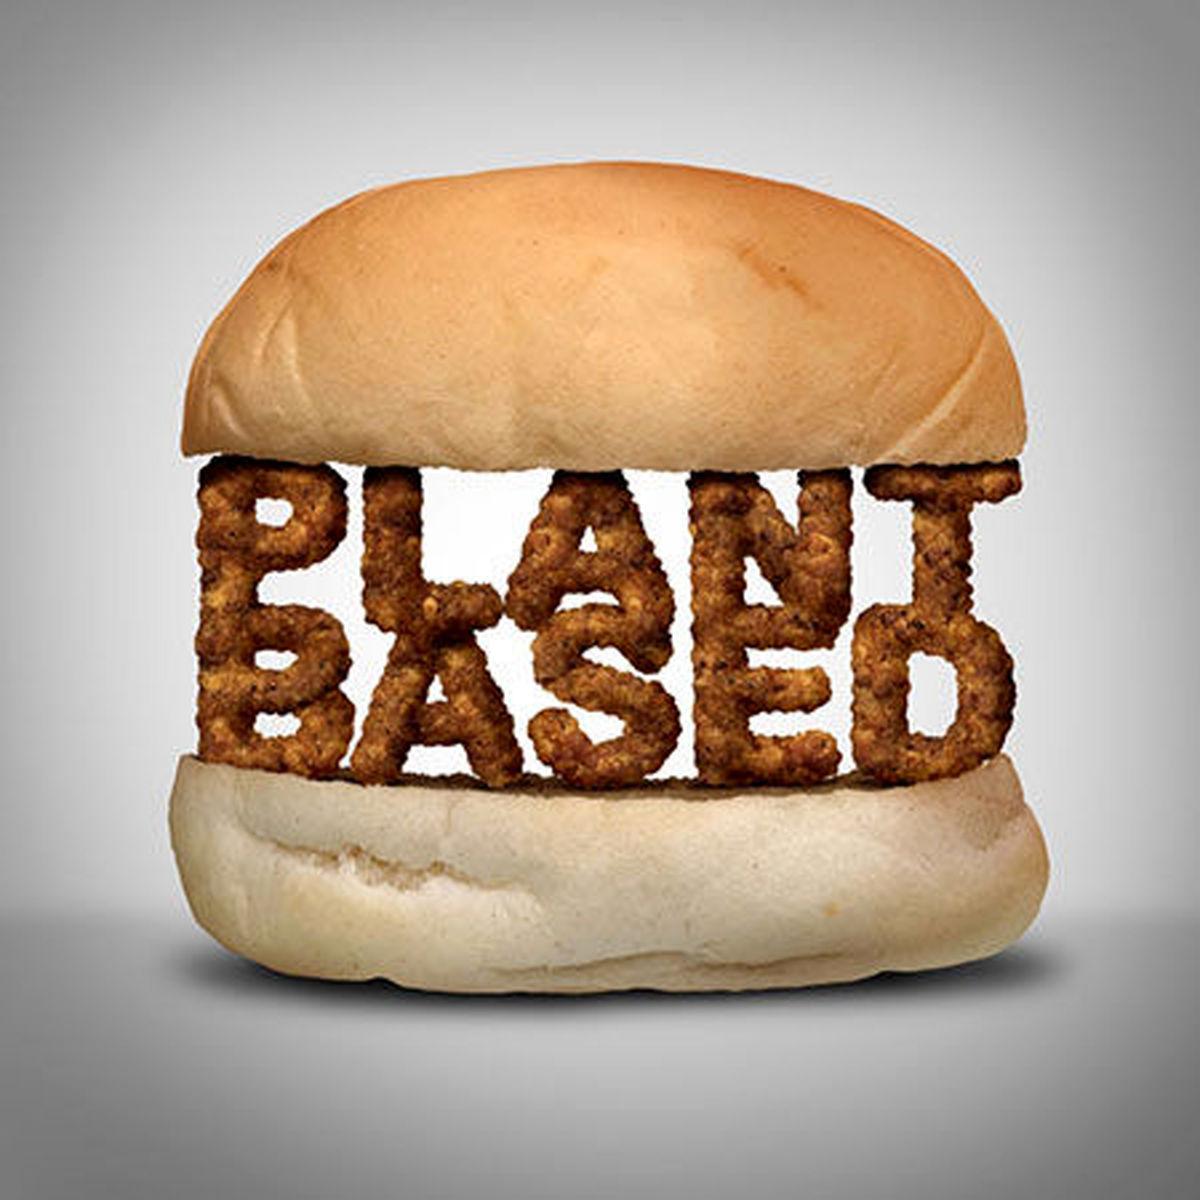 بهترین خوراکی جایگزین گوشت چه می تواند باشد؟